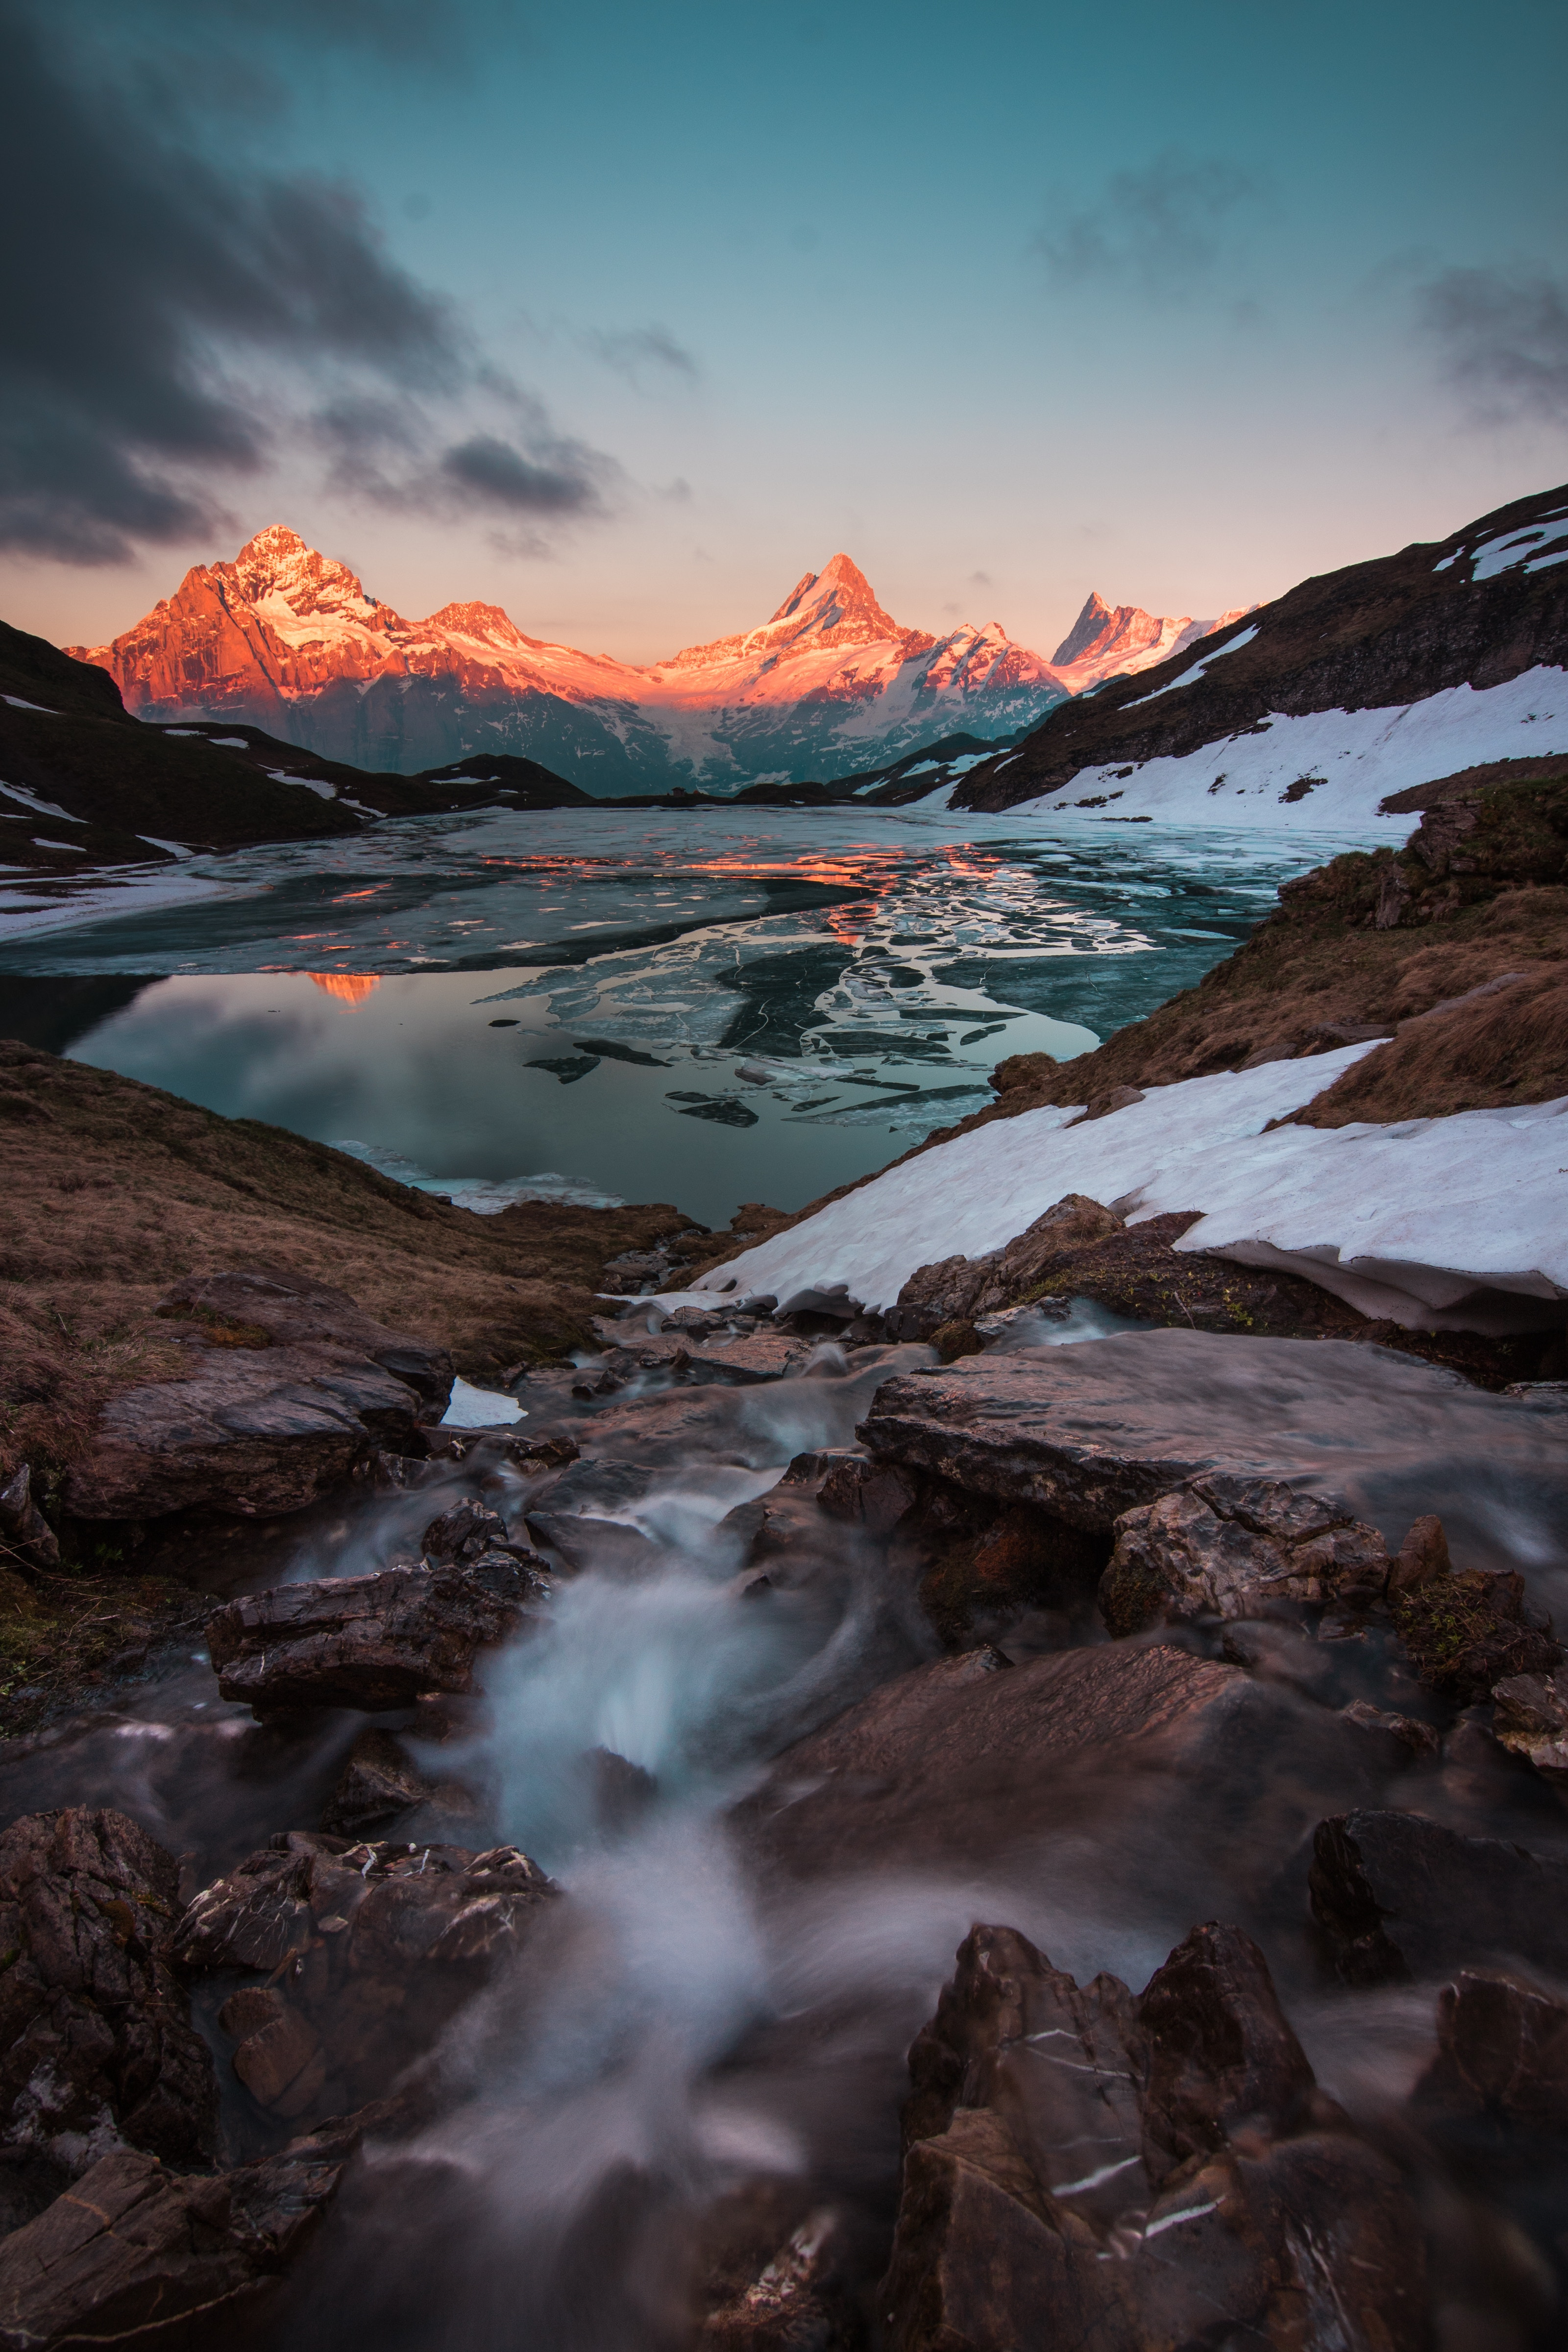 135316 скачать обои Природа, Озеро, Закат, Вечер, Лед, Ландшафт, Швейцария, Горы - заставки и картинки бесплатно